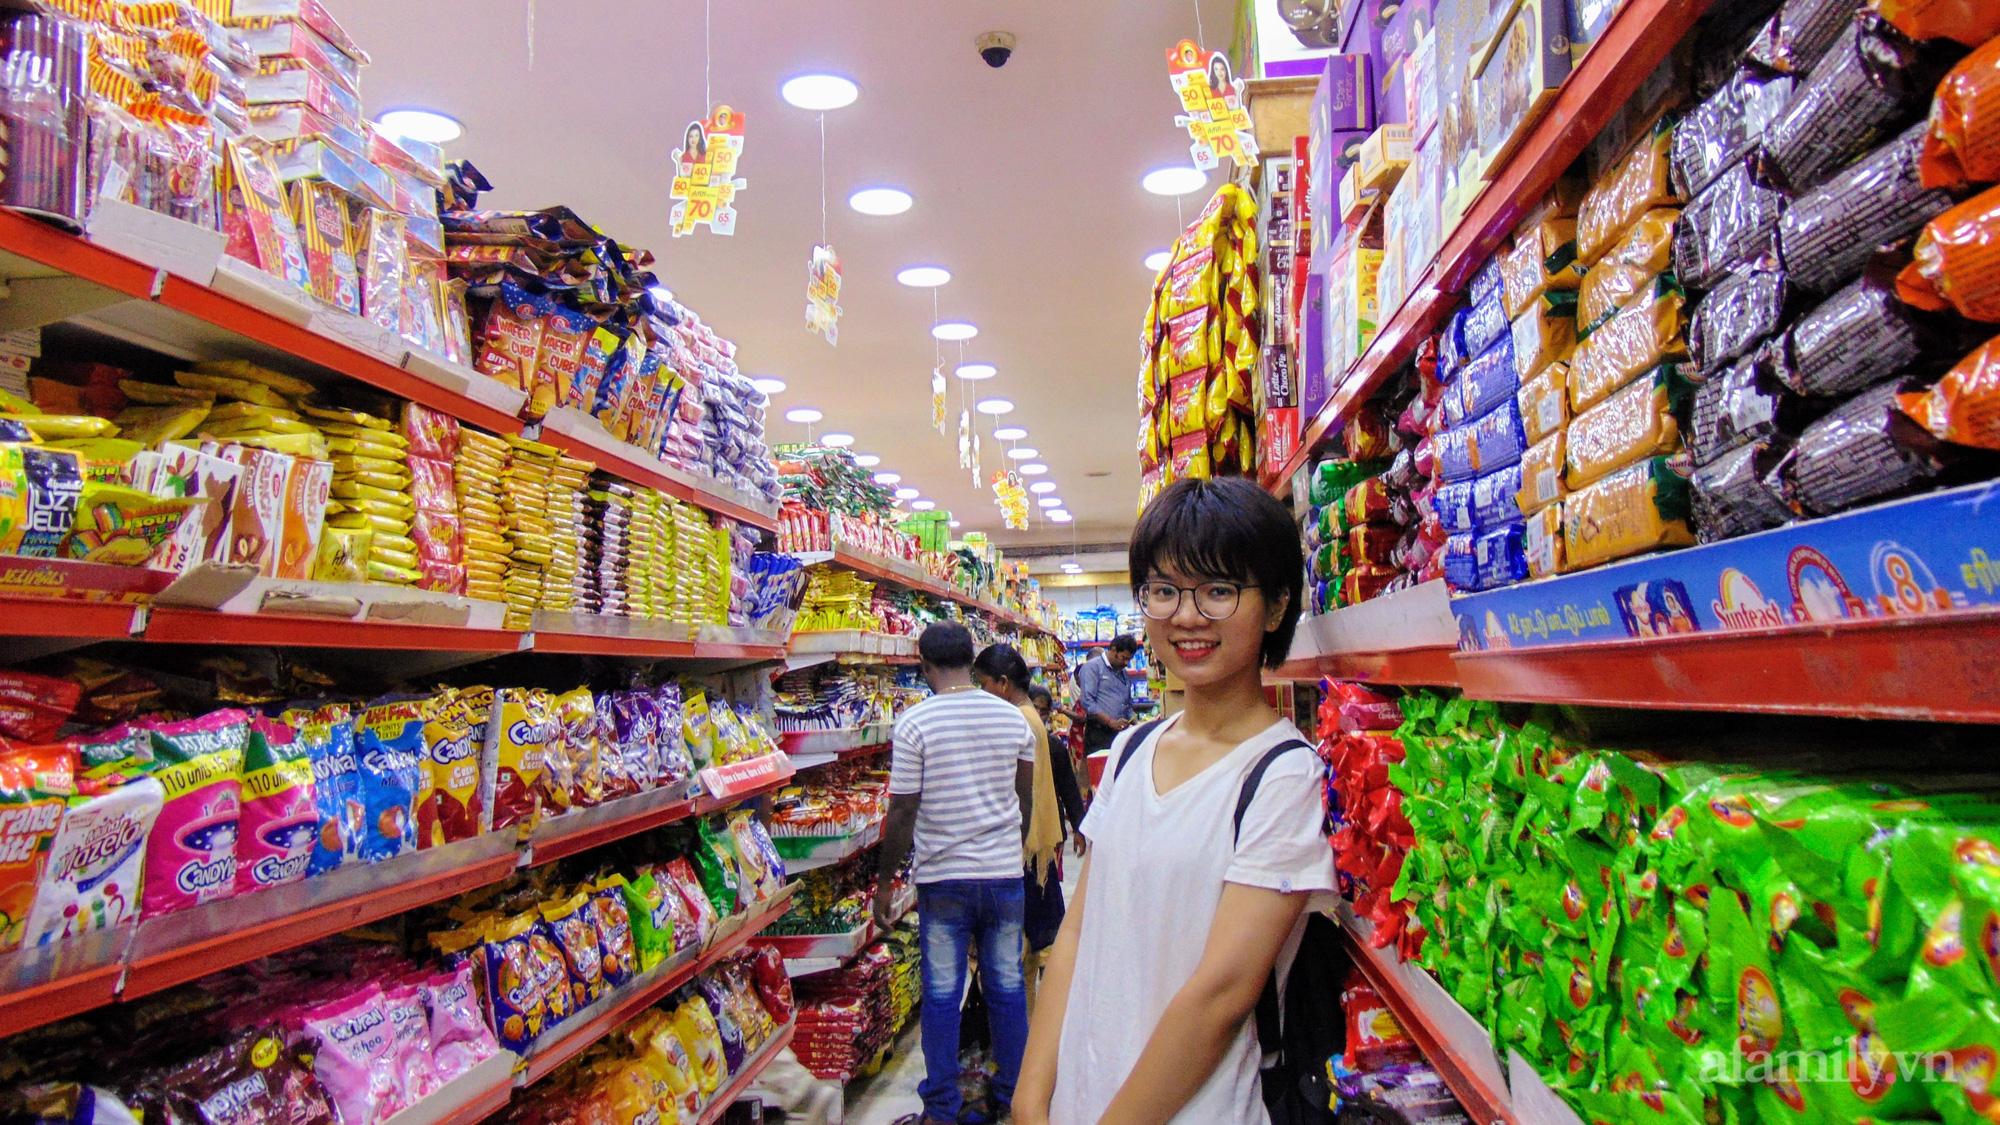 Cô gái Việt 23 tuổi tiết lộ 10 điều bất ngờ khi đi mua sắm ở Ấn Độ và kinh nghiệm cho du khách  - Ảnh 2.